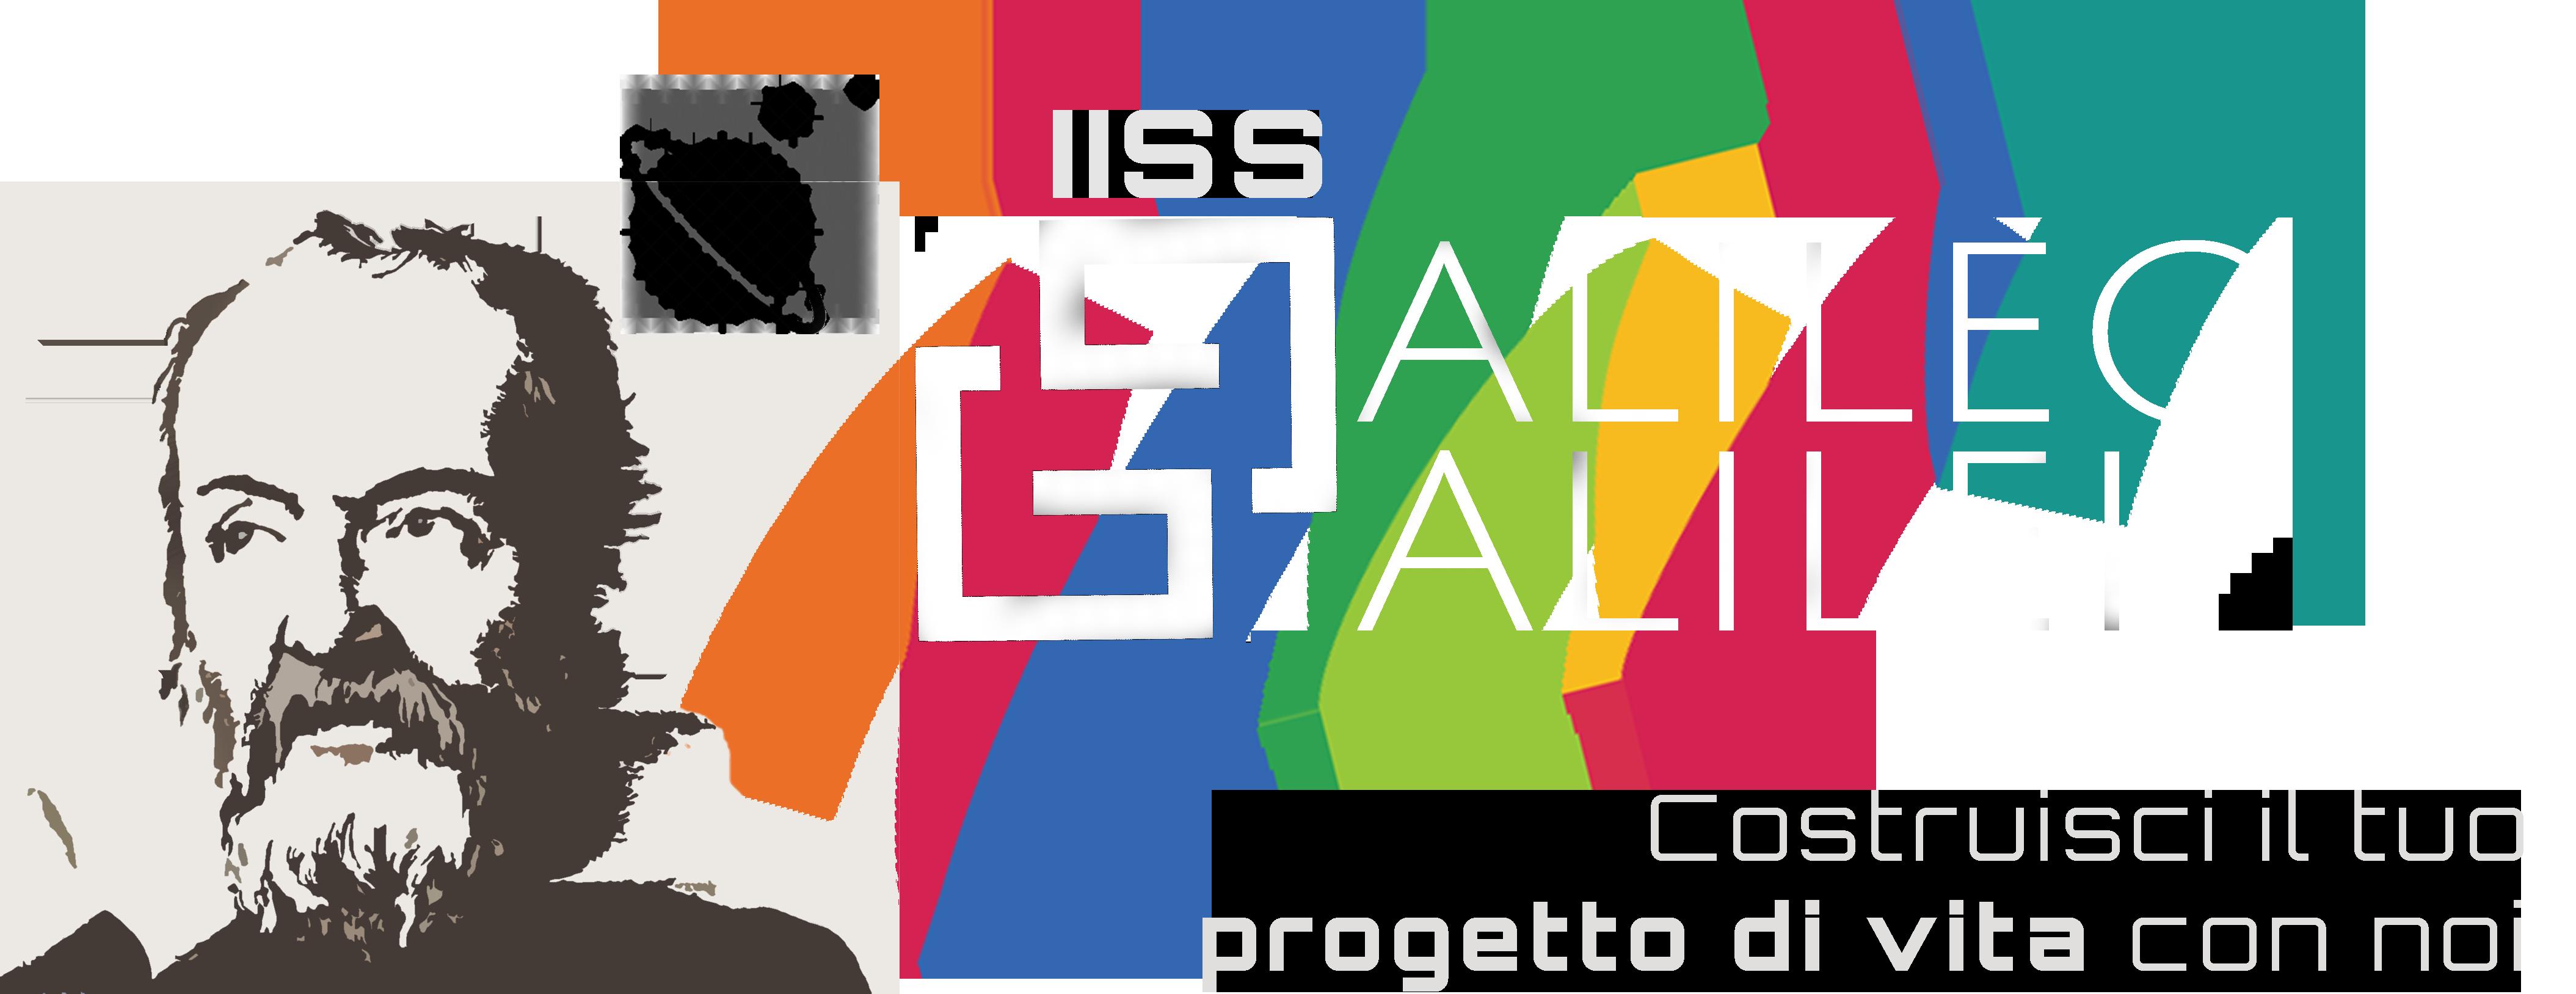 II.SS. Galileo Galilei – Con noi costruisci il tuo progetto di vita